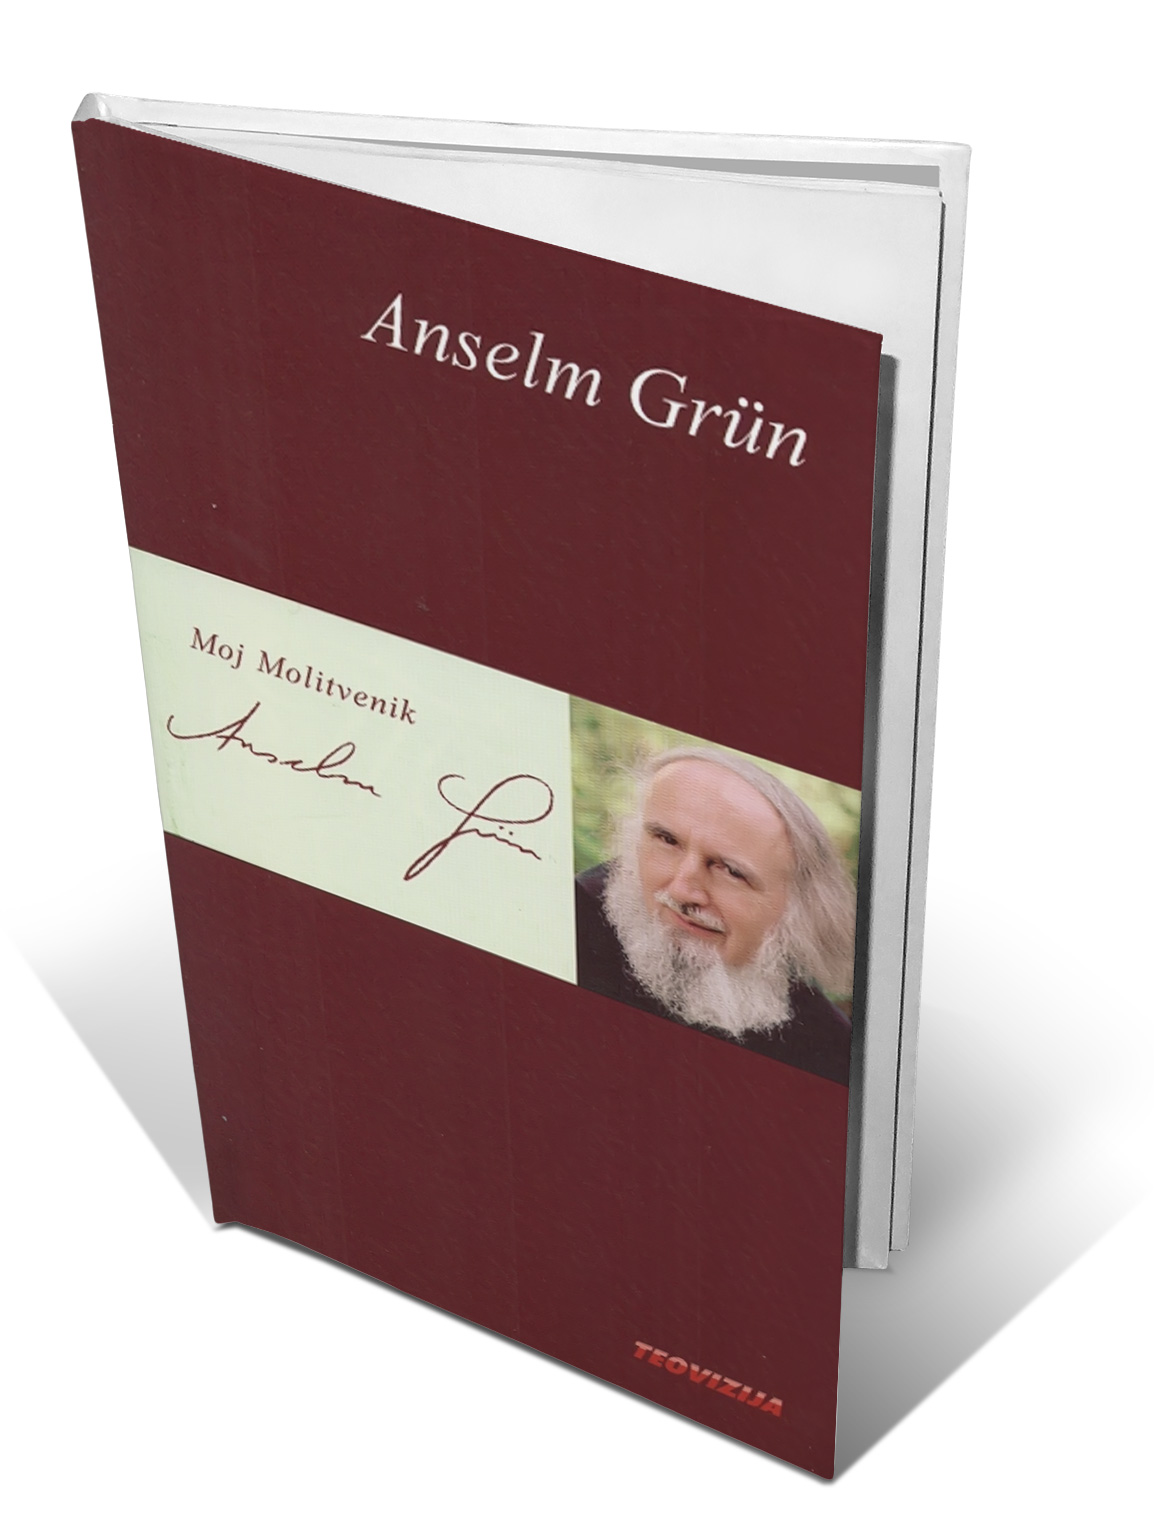 MOJ MOLITVENIK - Anselm Grün